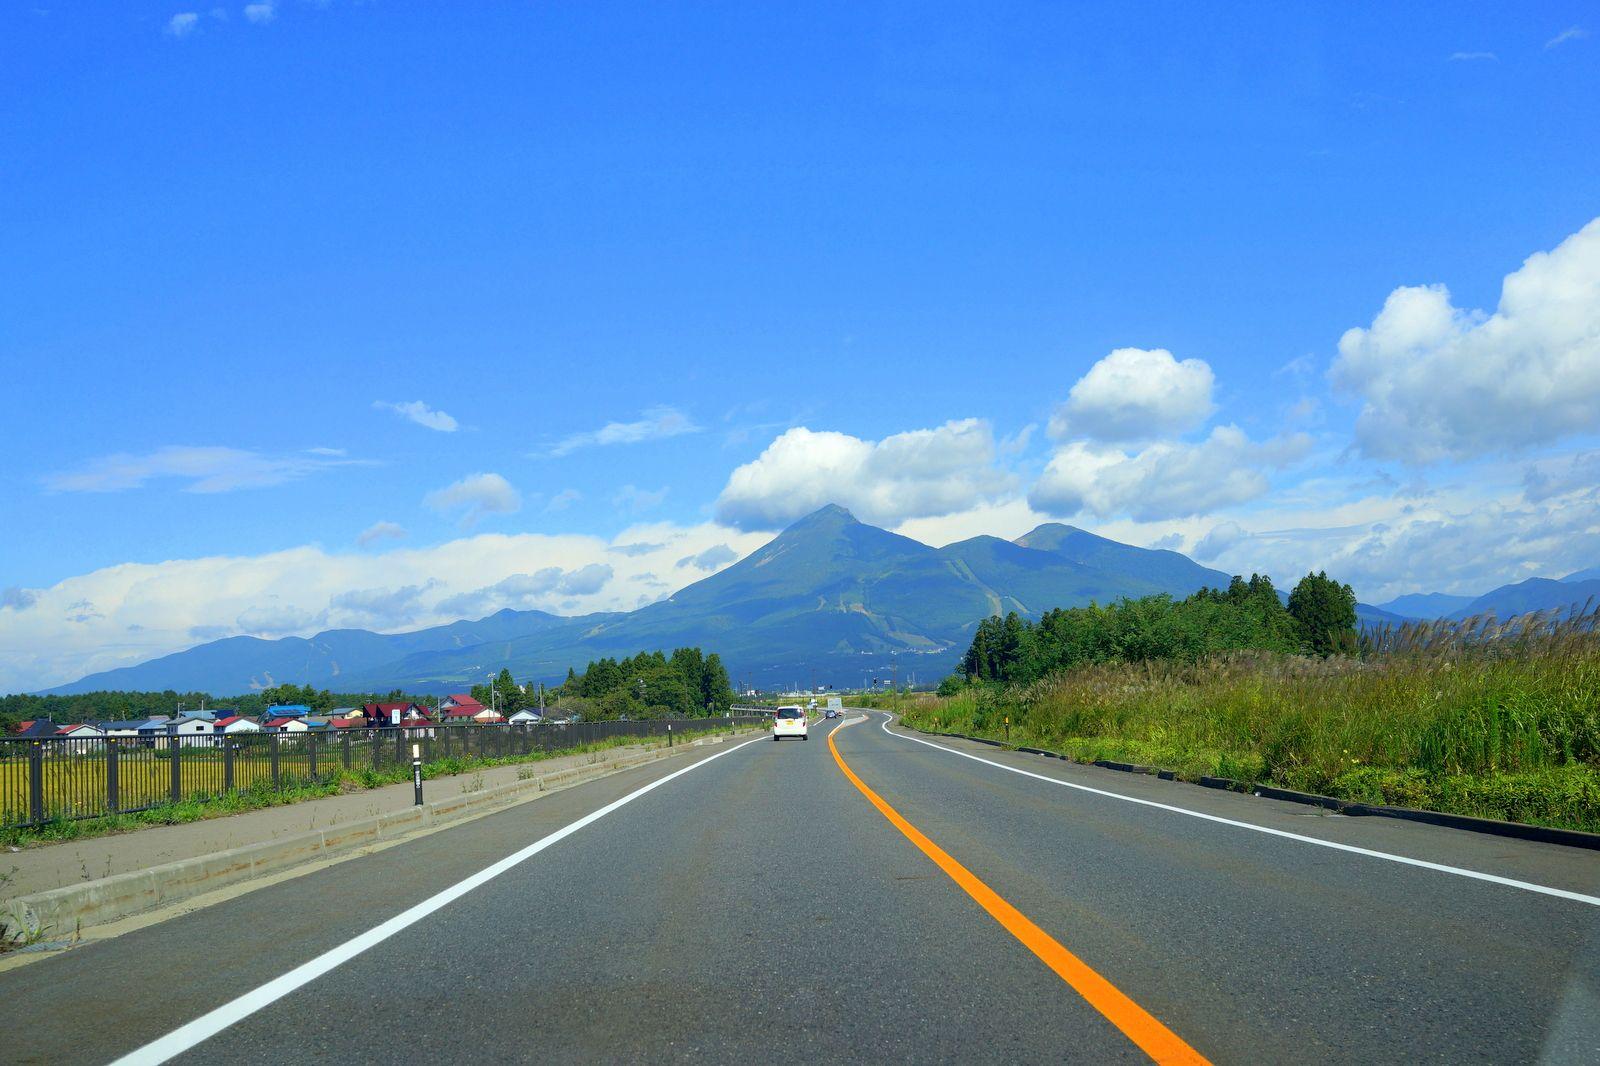 磐梯山 Mount Bandai